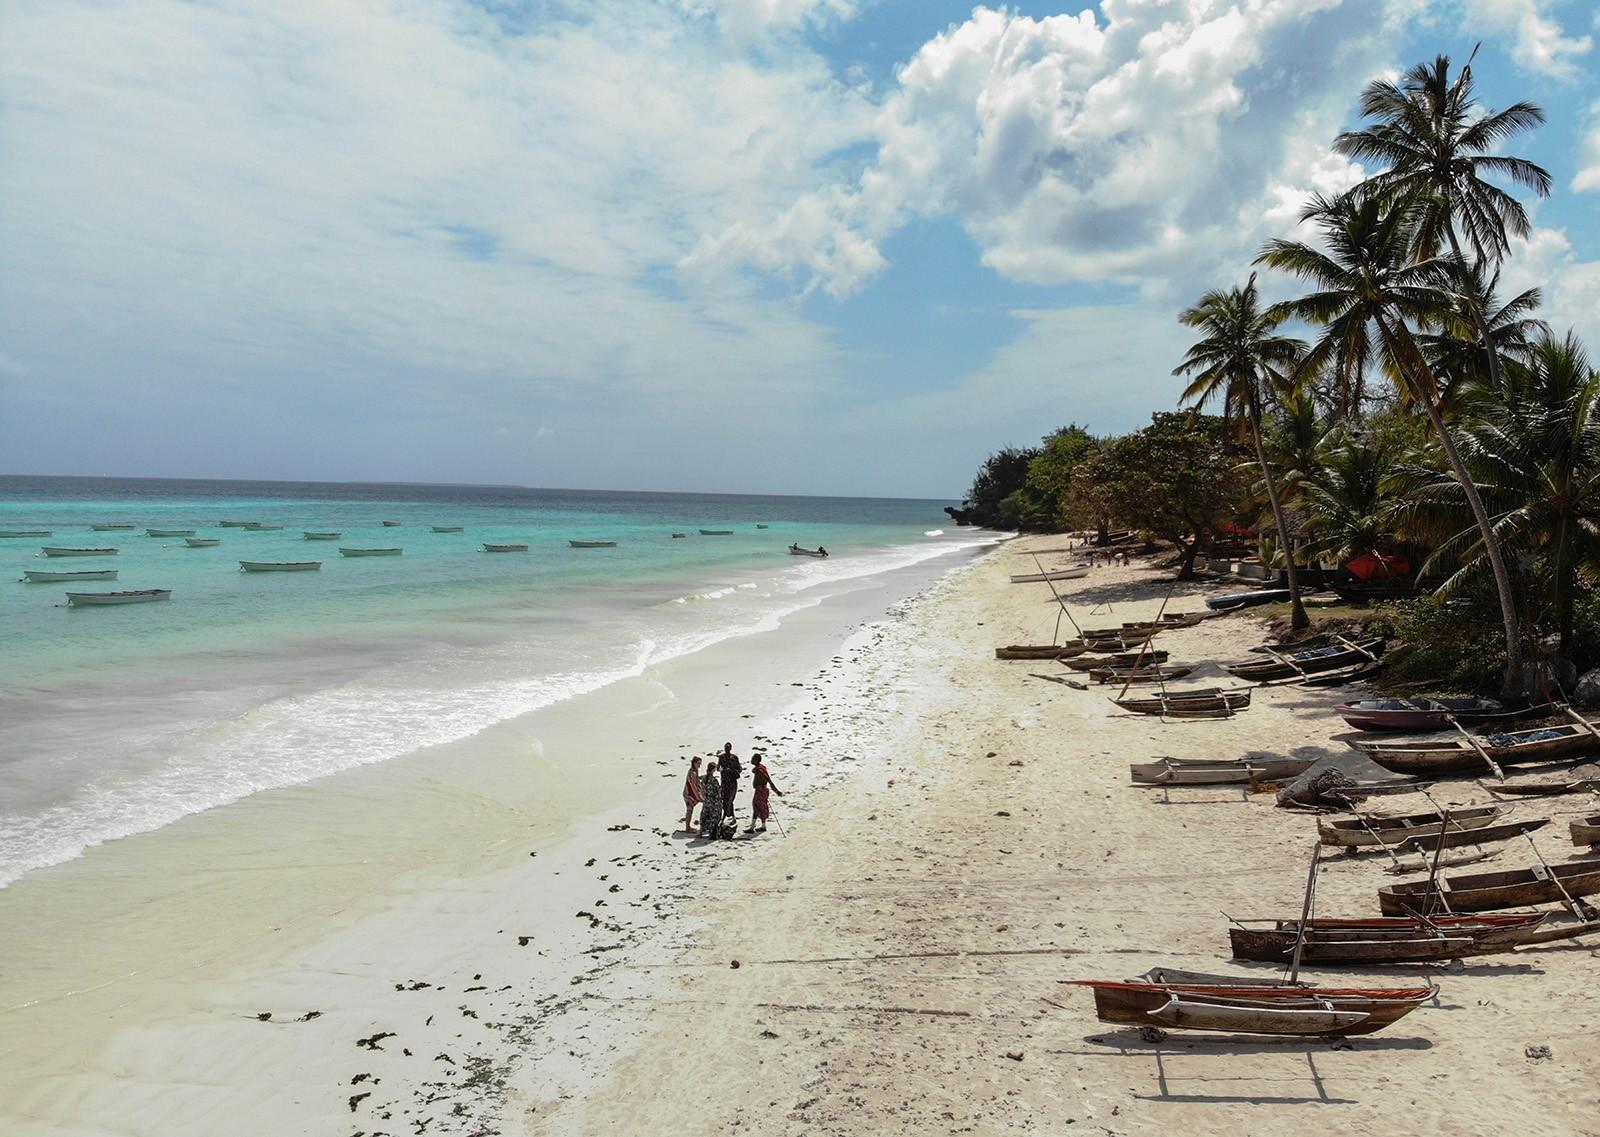 Бирюзовый океан, белые пляжи, черепахи, деревянные двери, или что такое Занзибар